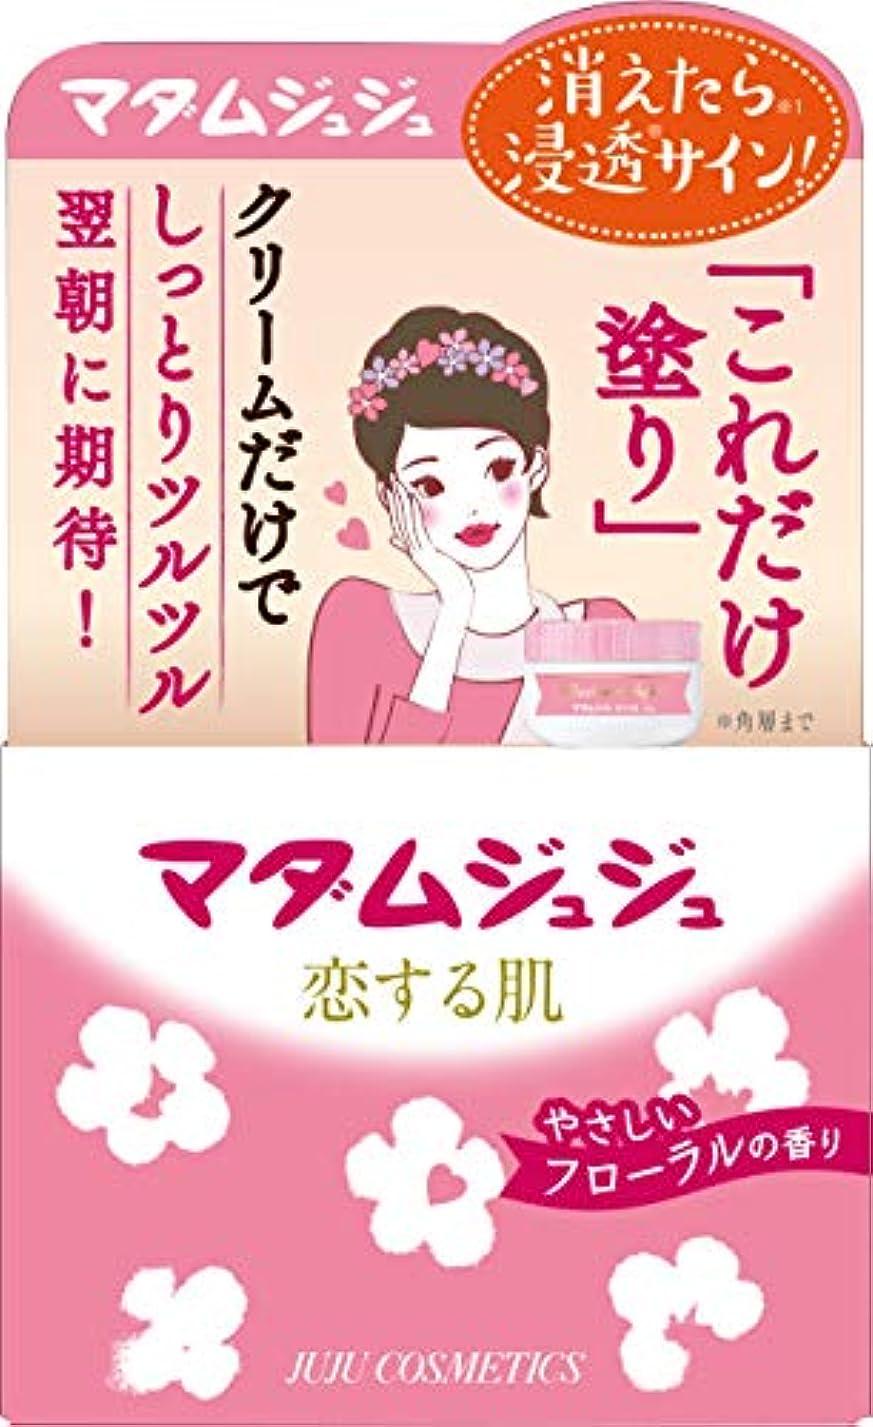 ウィザード調整クランシーマダムジュジュ 恋する肌 幸せをはこぶエンジェルブーケの香り 45g